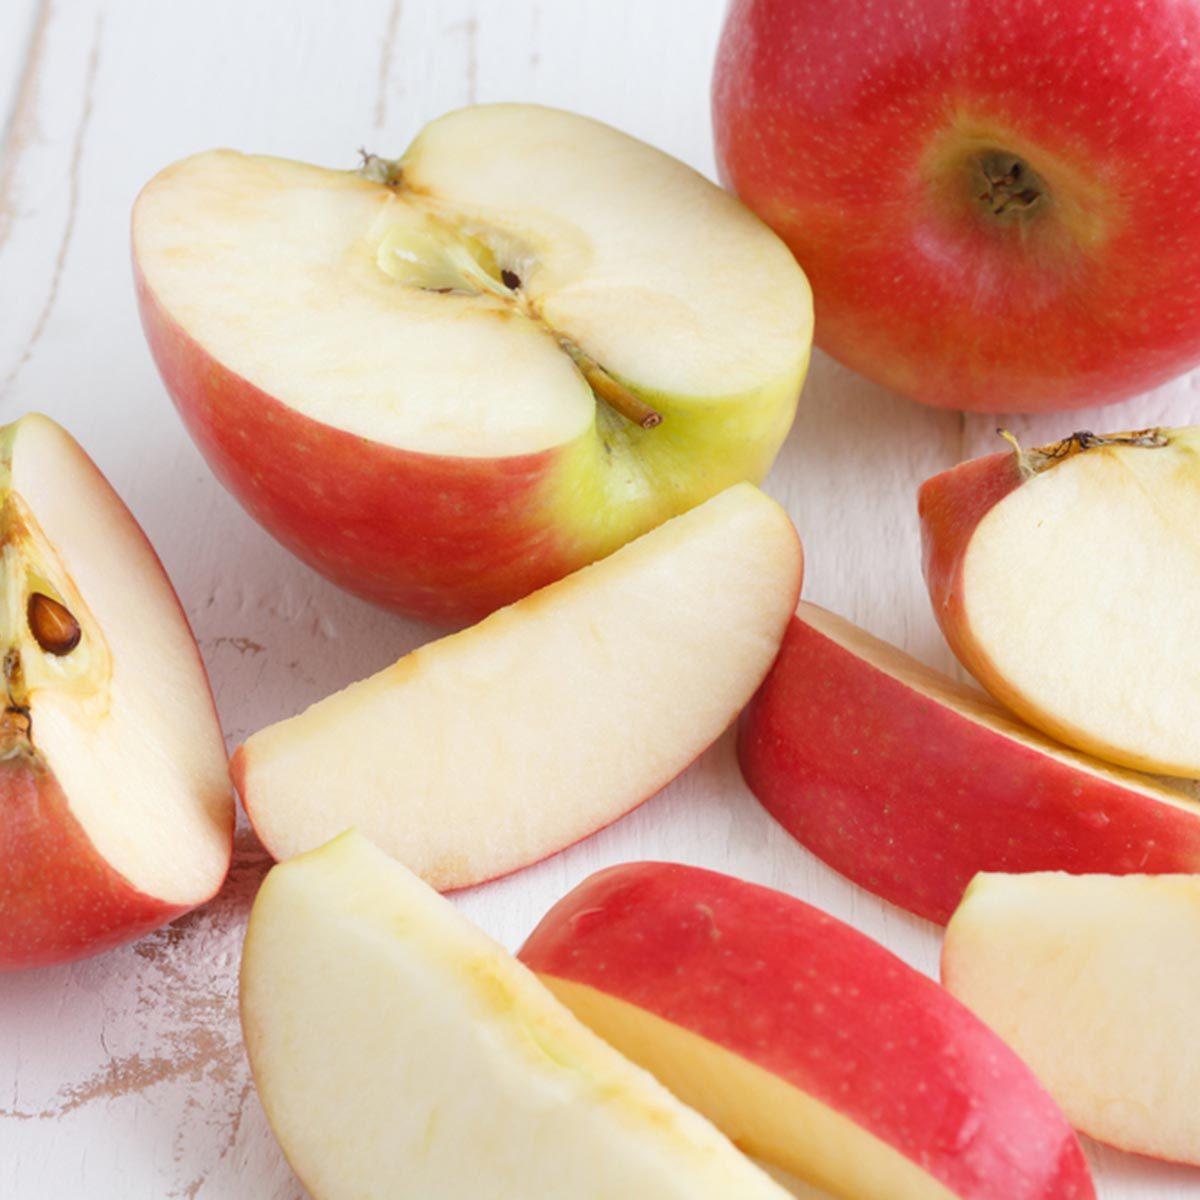 Les glucides des pommes sont bons pour la santé.